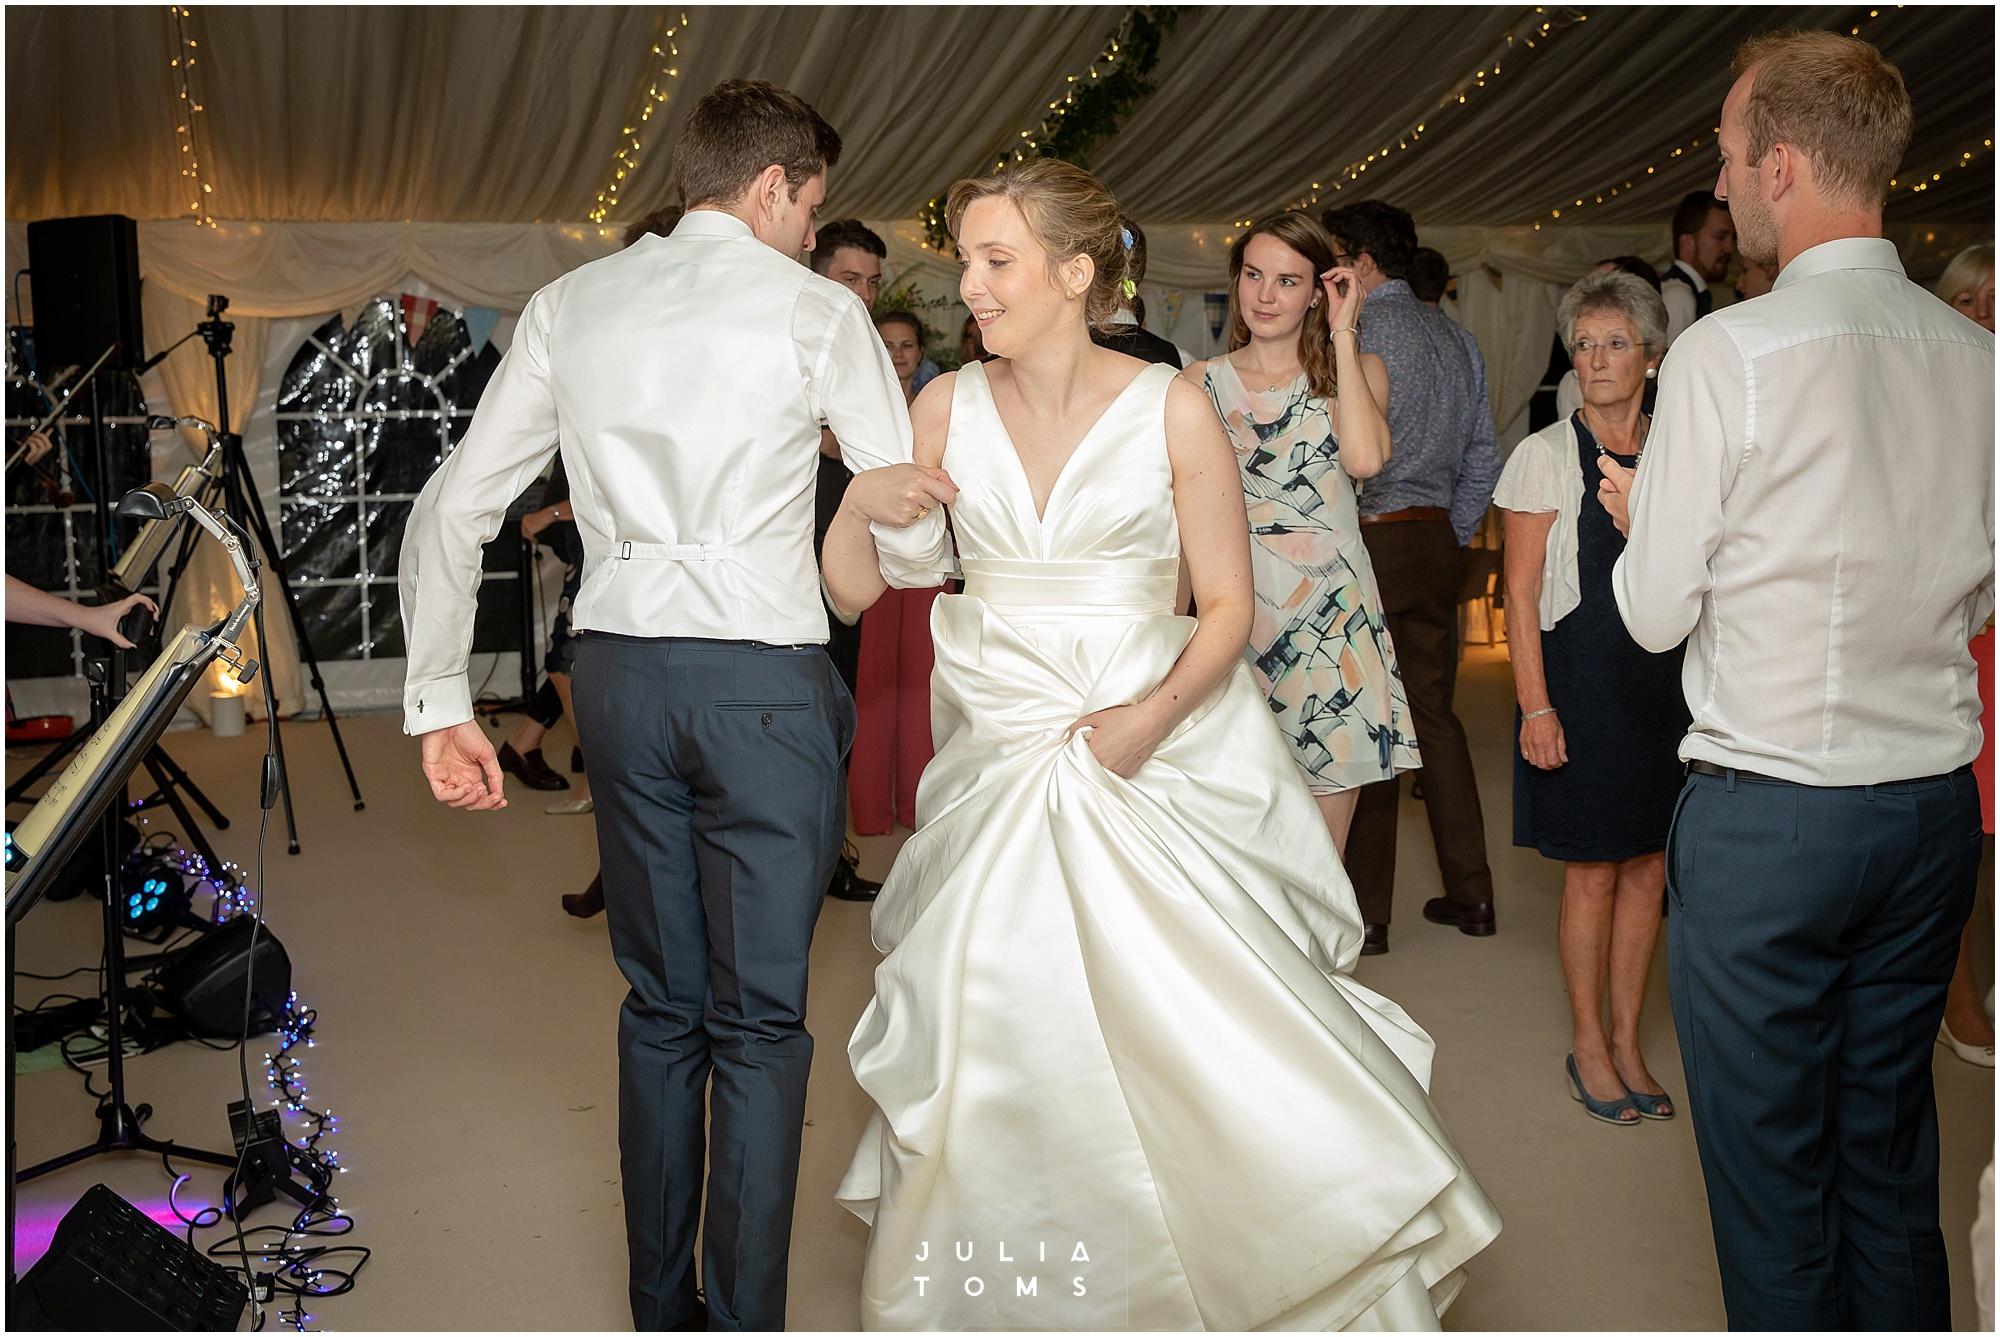 westsussex_wedding_photographer_westdean_136.jpg